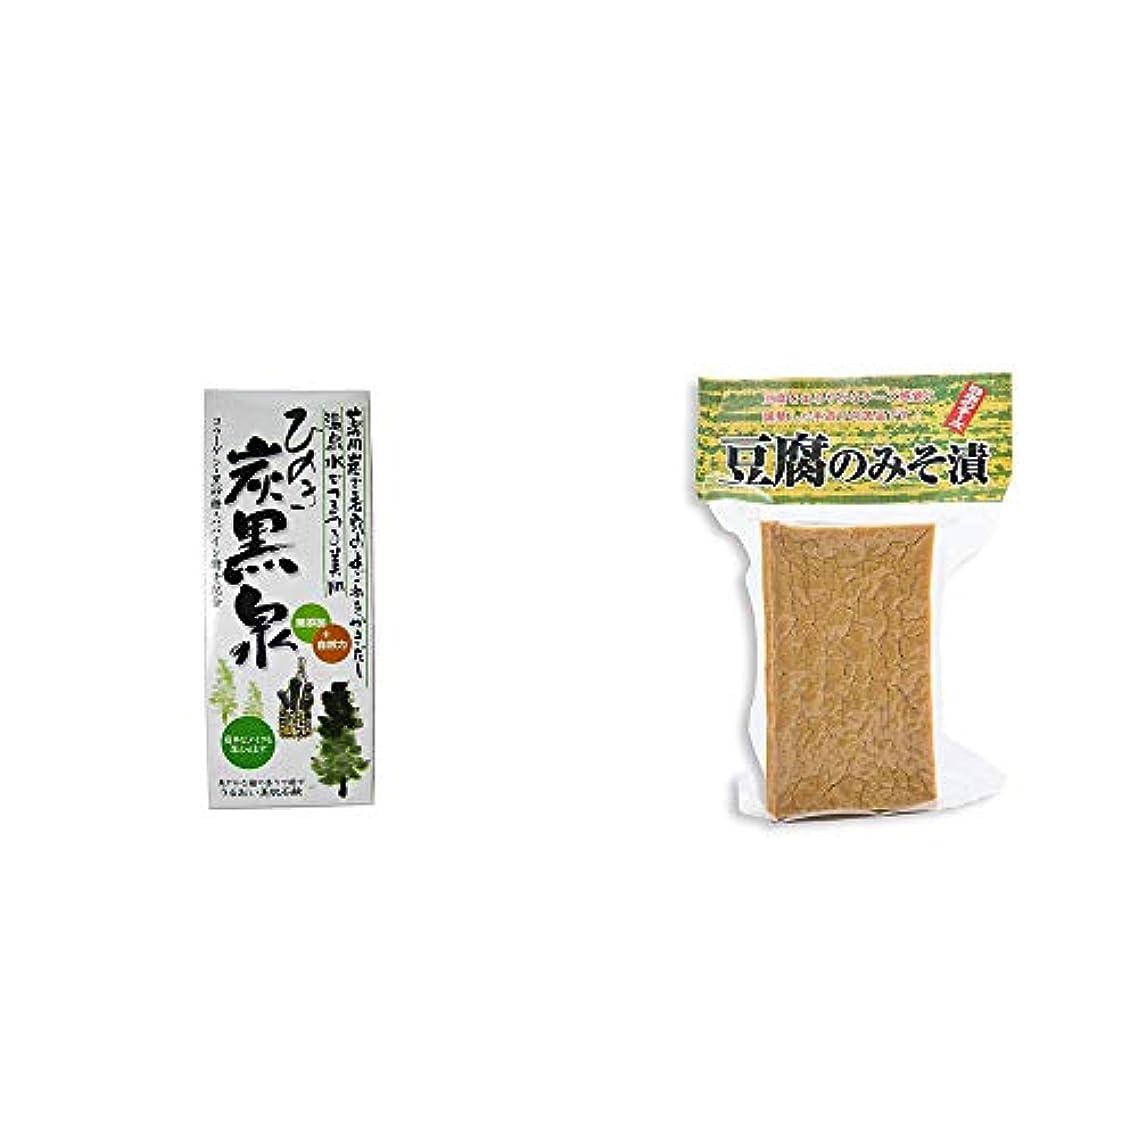 風味当社薄いです[2点セット] ひのき炭黒泉 箱入り(75g×3)?日本のチーズ 豆腐のみそ漬(1個入)